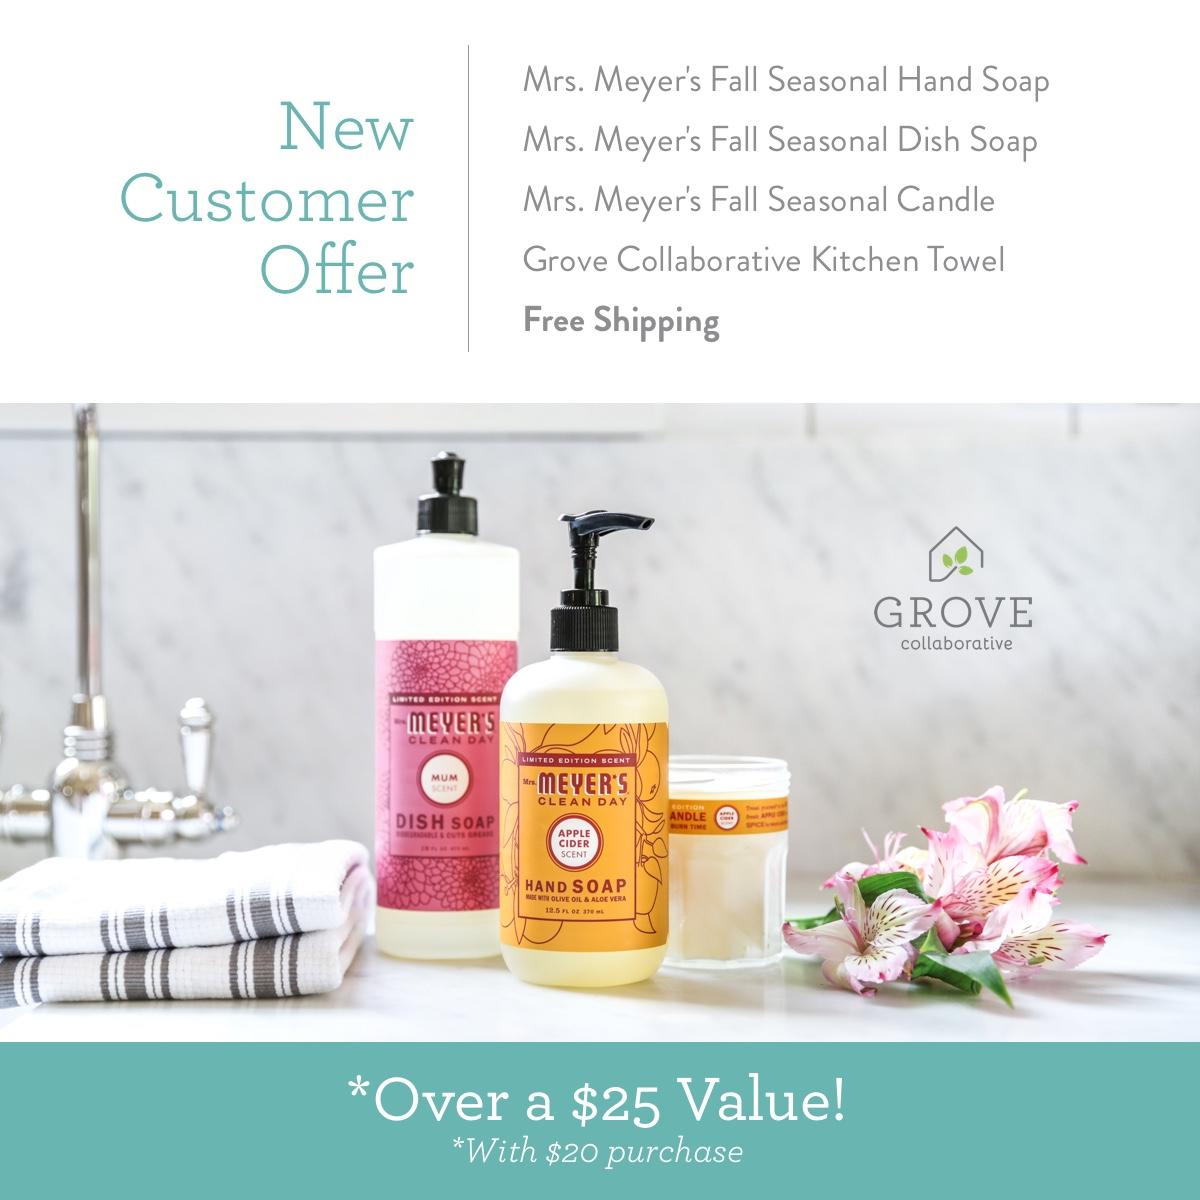 FREE Mrs. Meyer's Fall Scents | oldsaltfarm.com